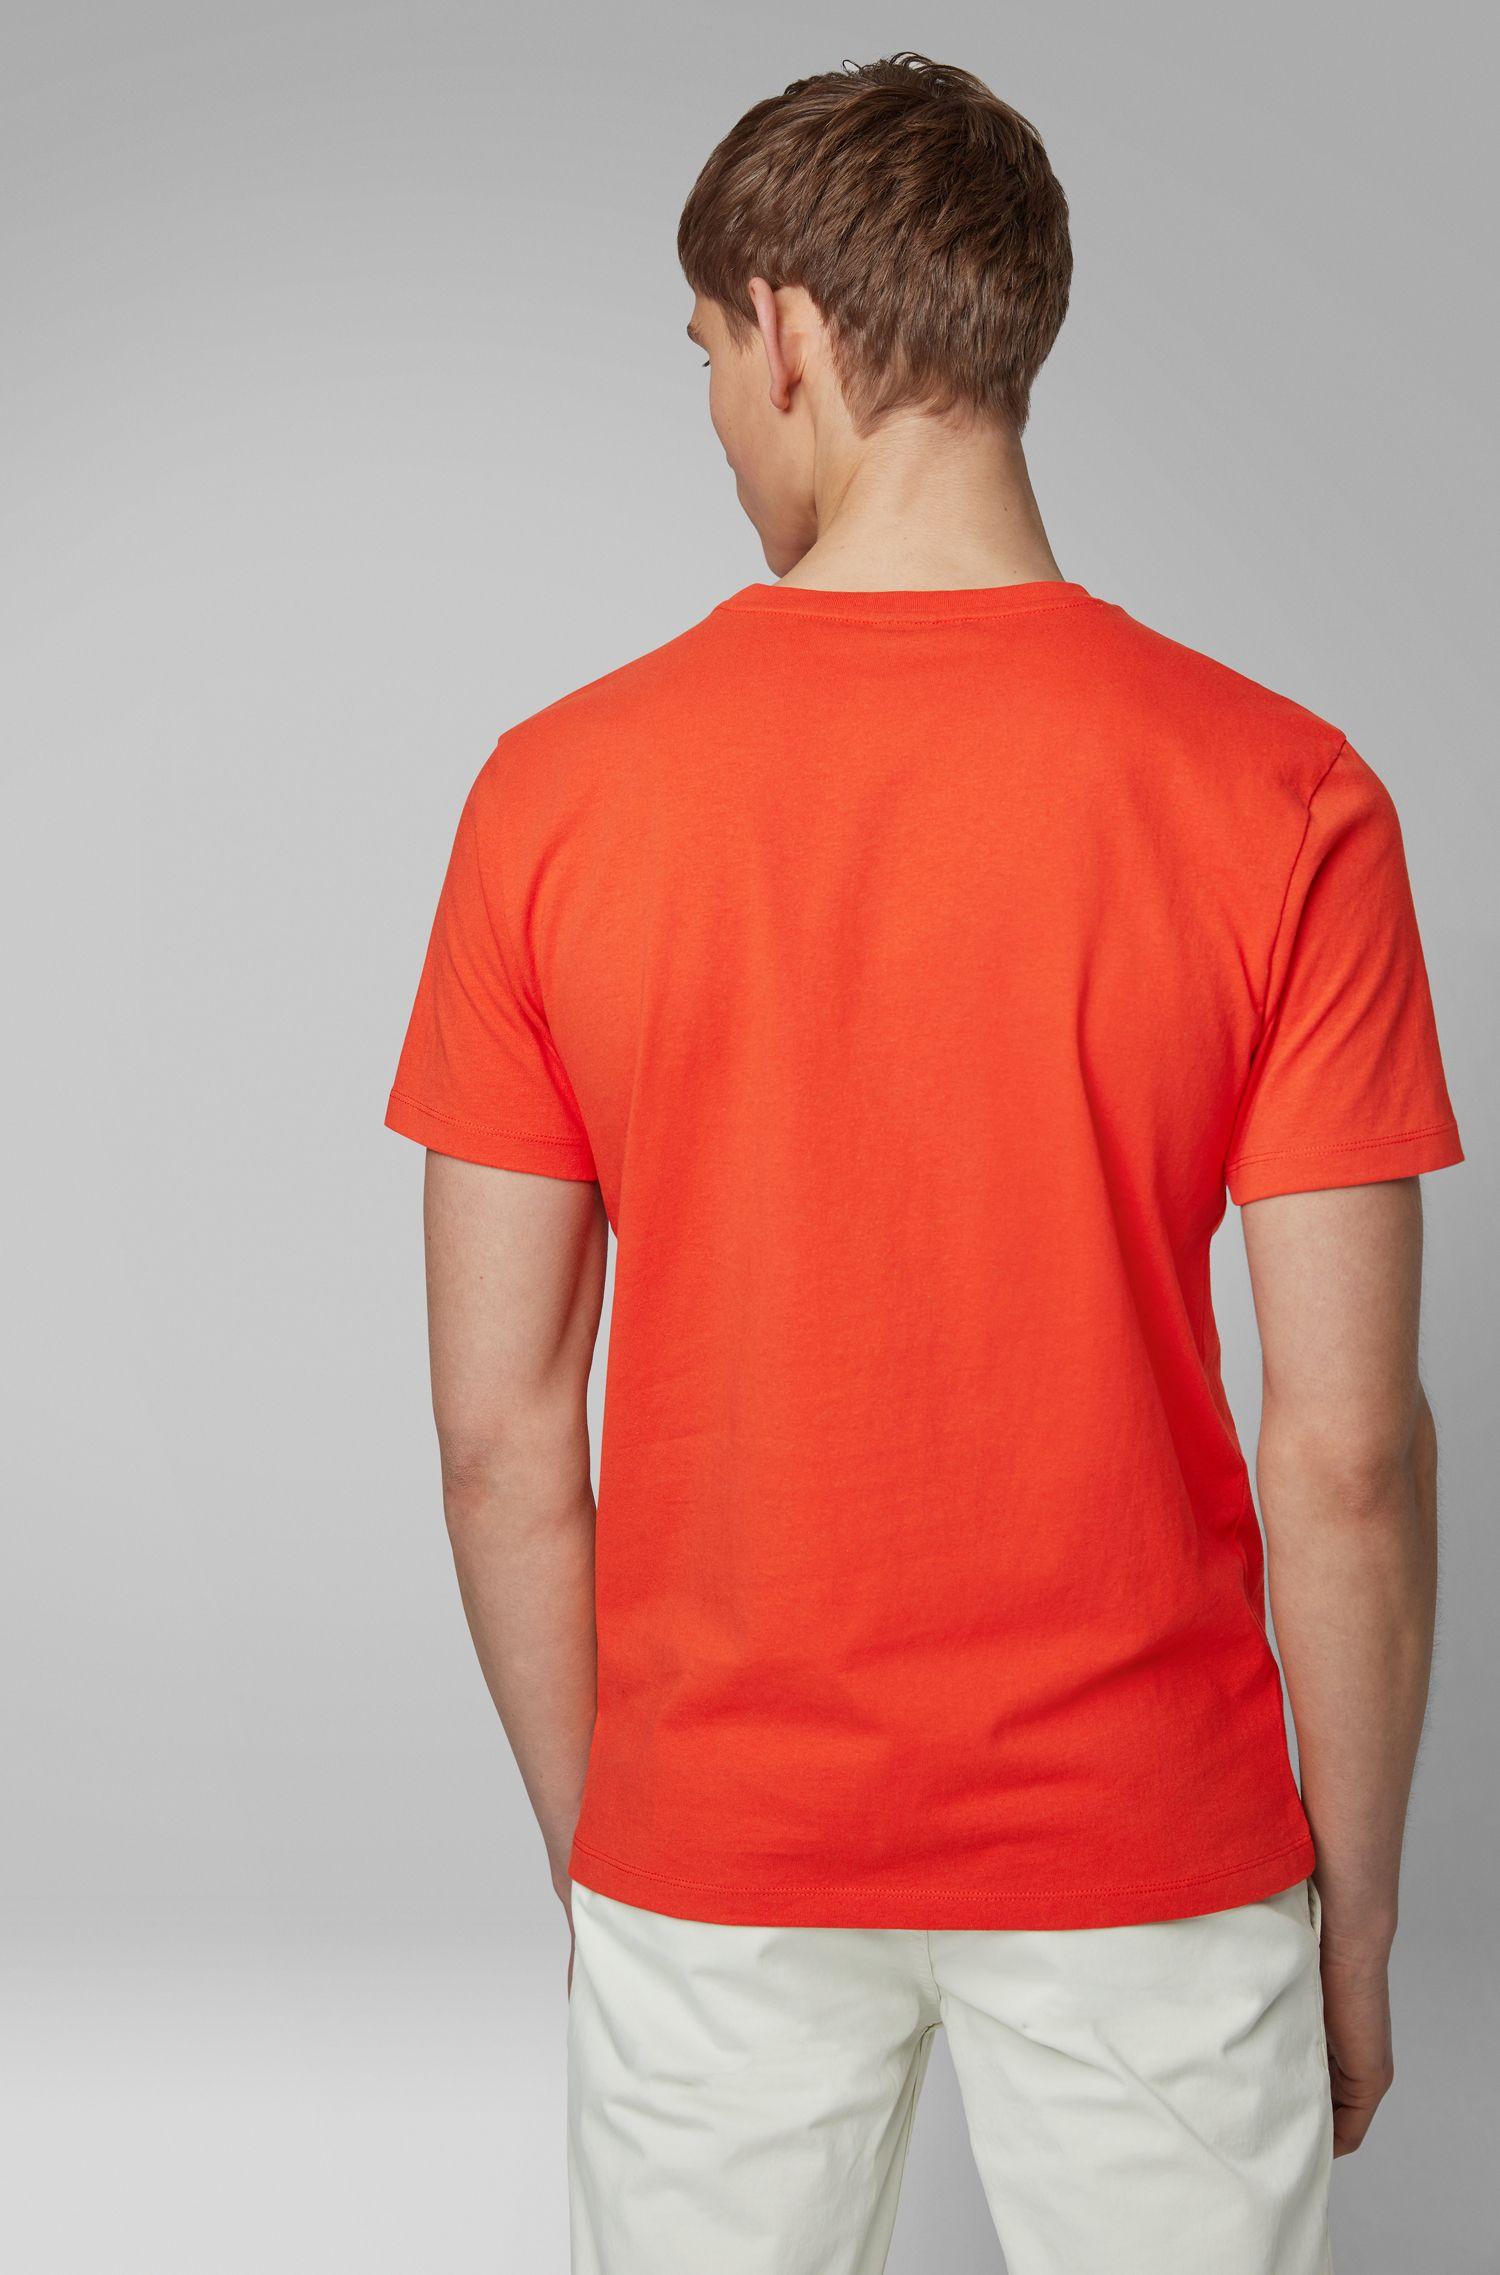 T-Shirt aus Baumwoll-Jersey mit Rundhalsausschnitt, Orange